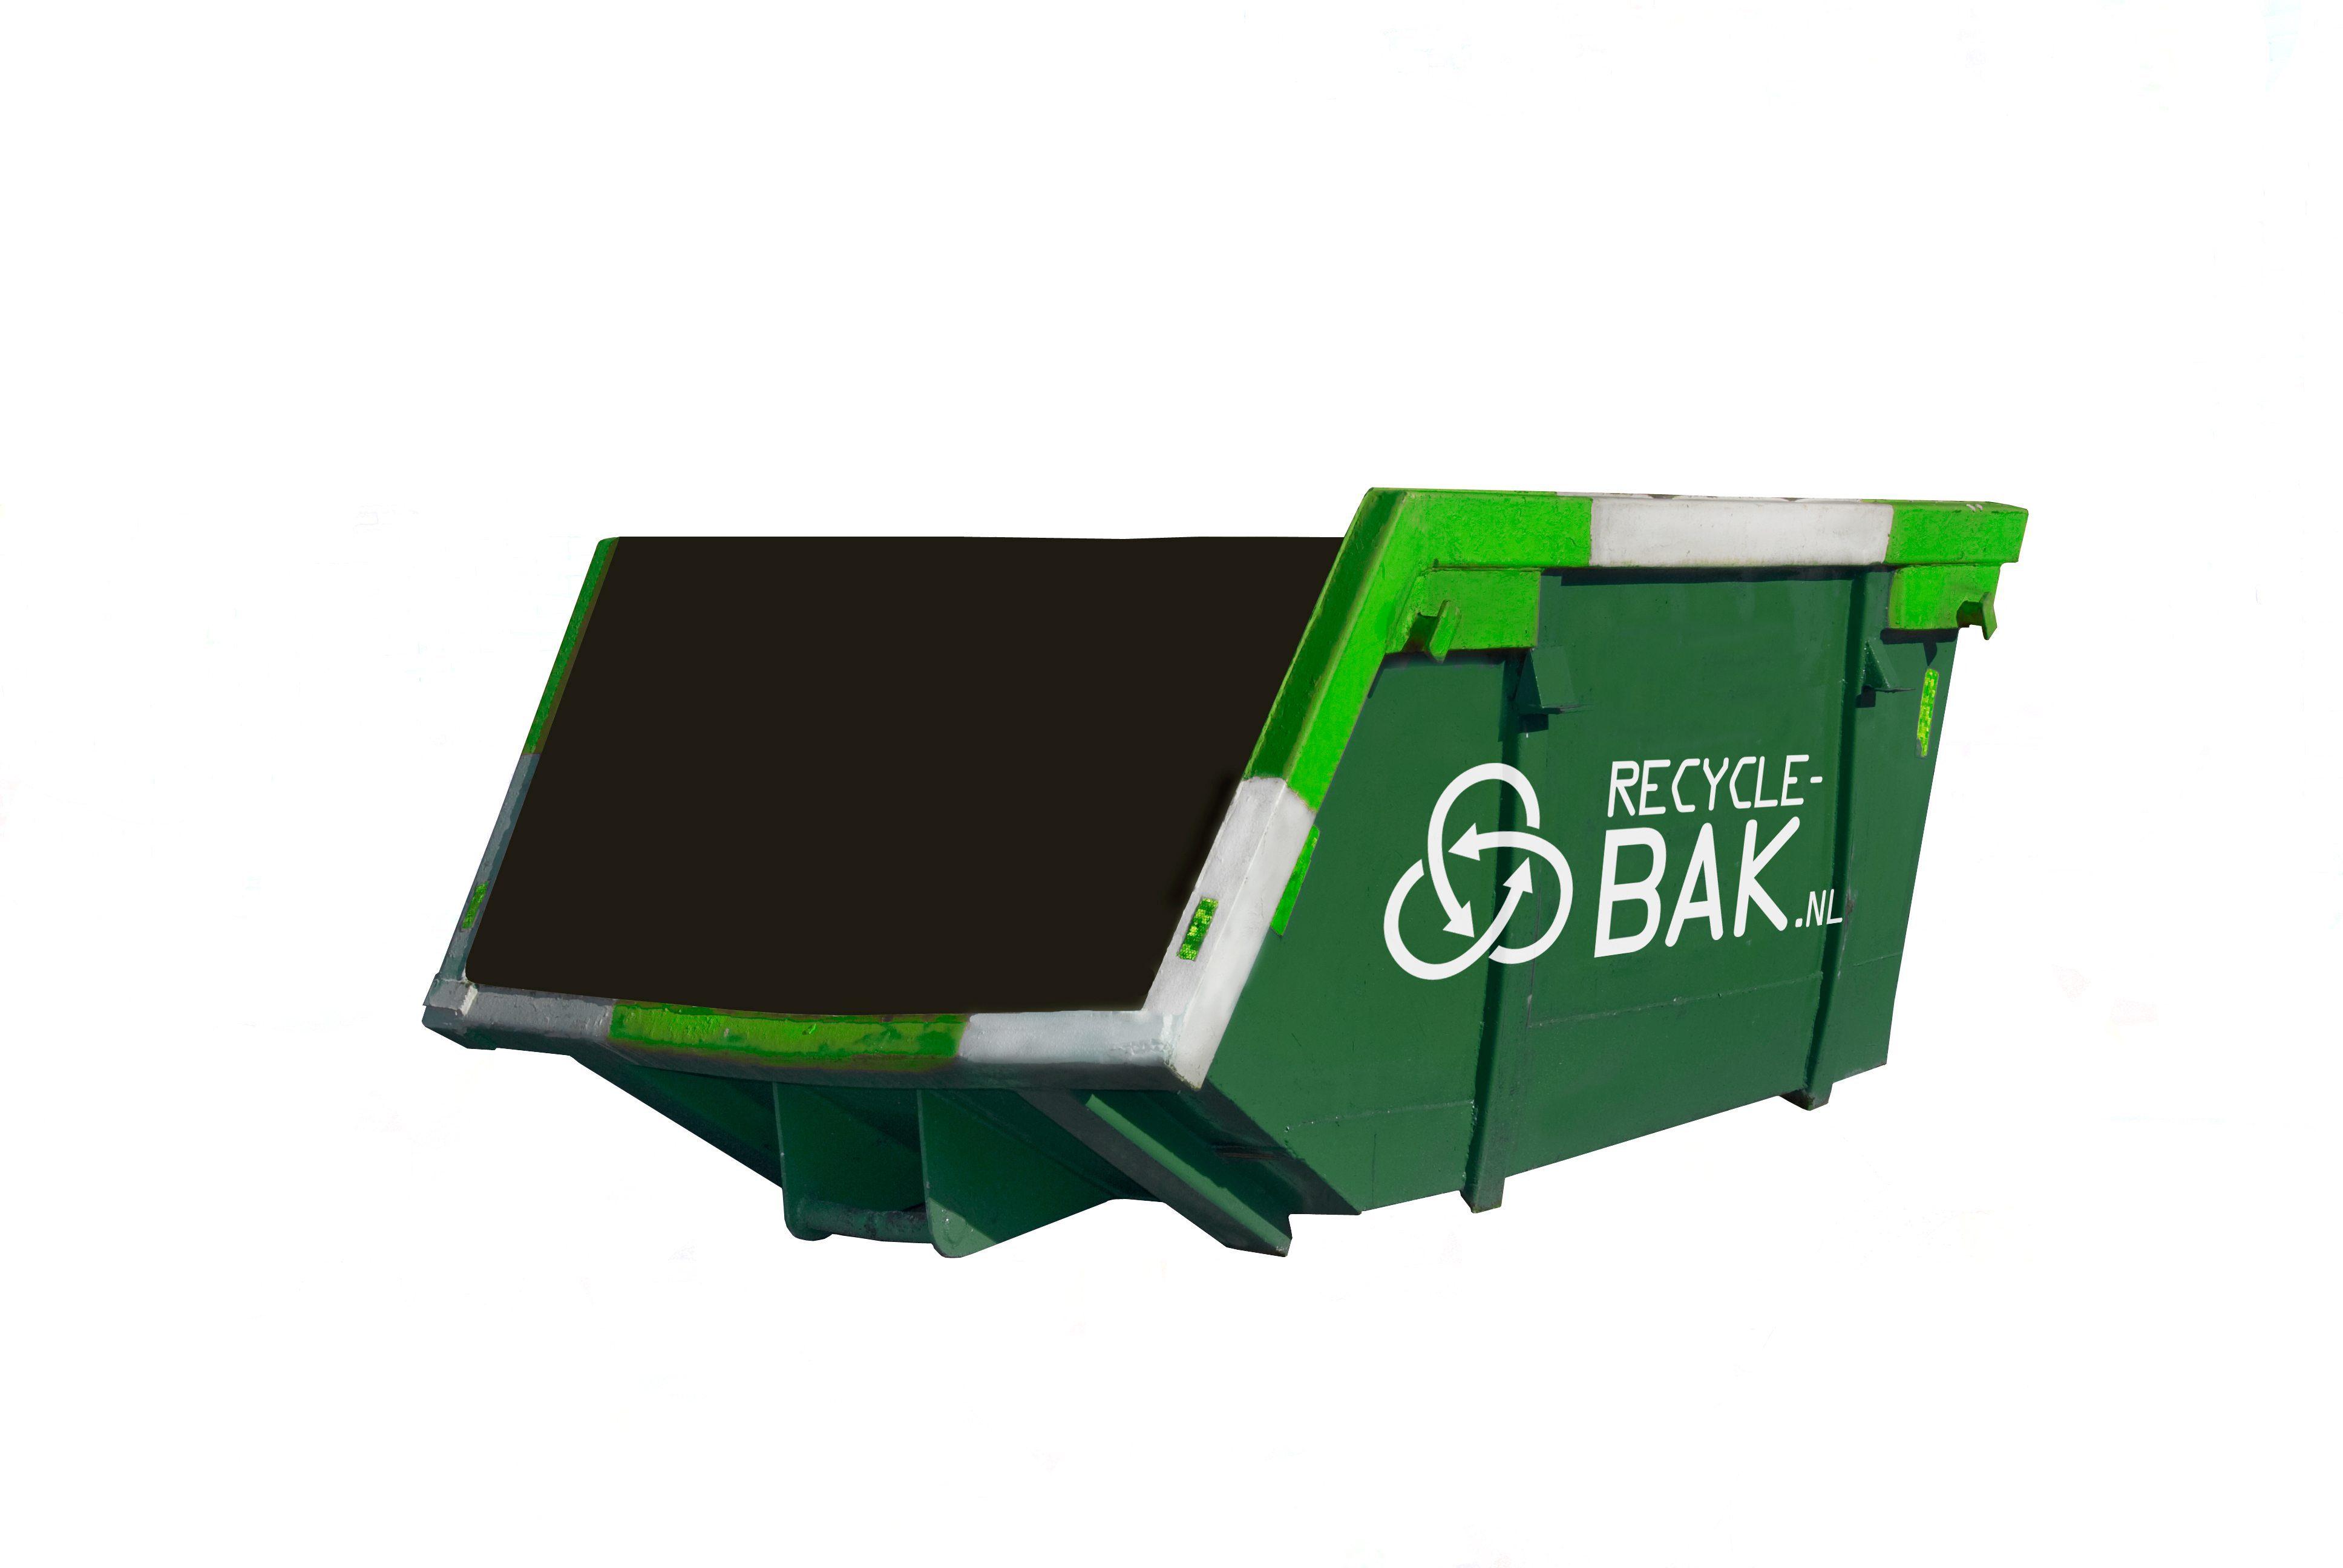 Hout container 3m goedkoop huren recycle - Keukenmeubelen hout recyclen ...